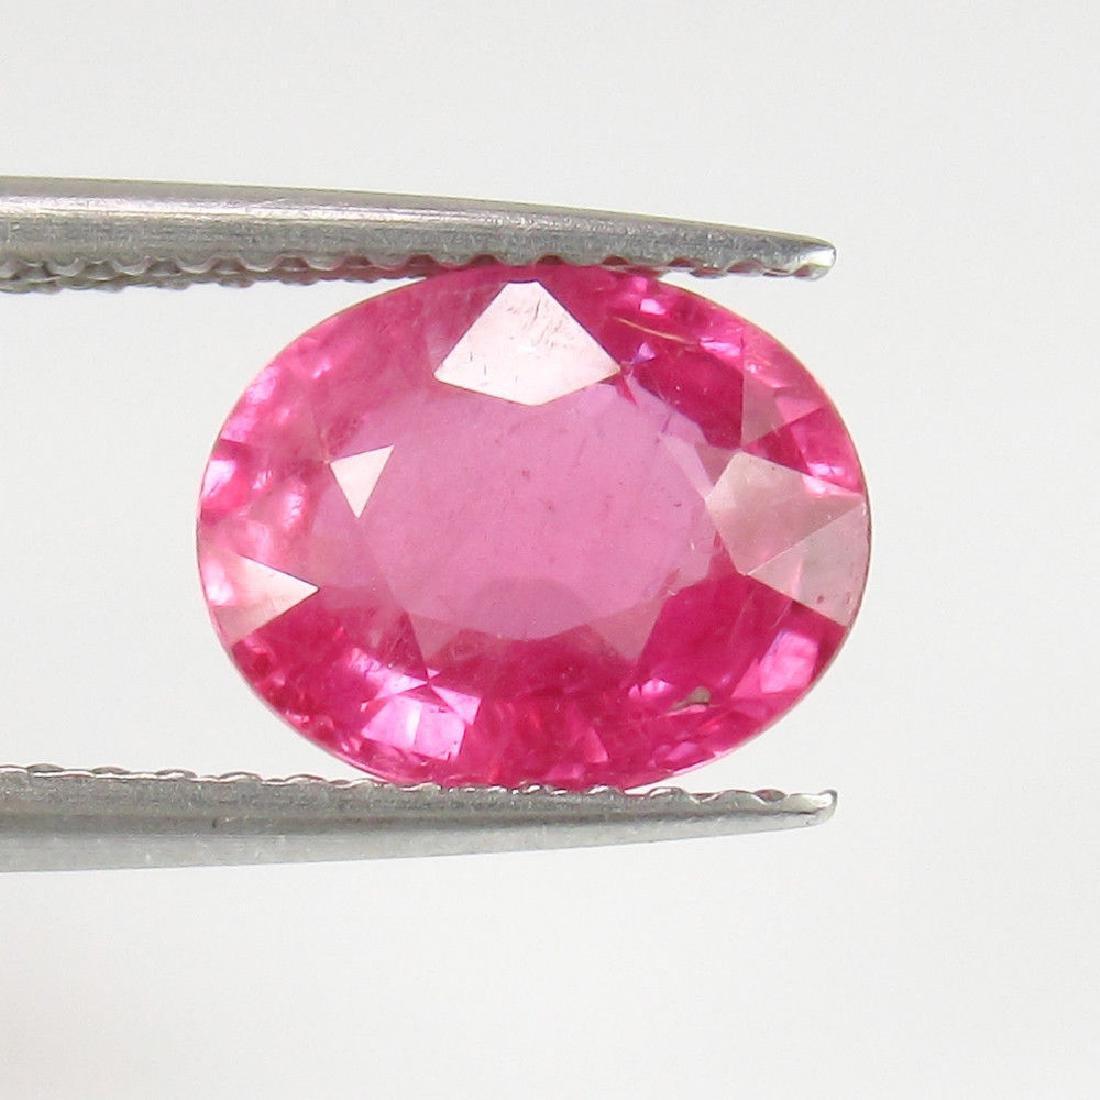 2.36 Ctw Natural Loose Deep Reddish Pink Rubellite